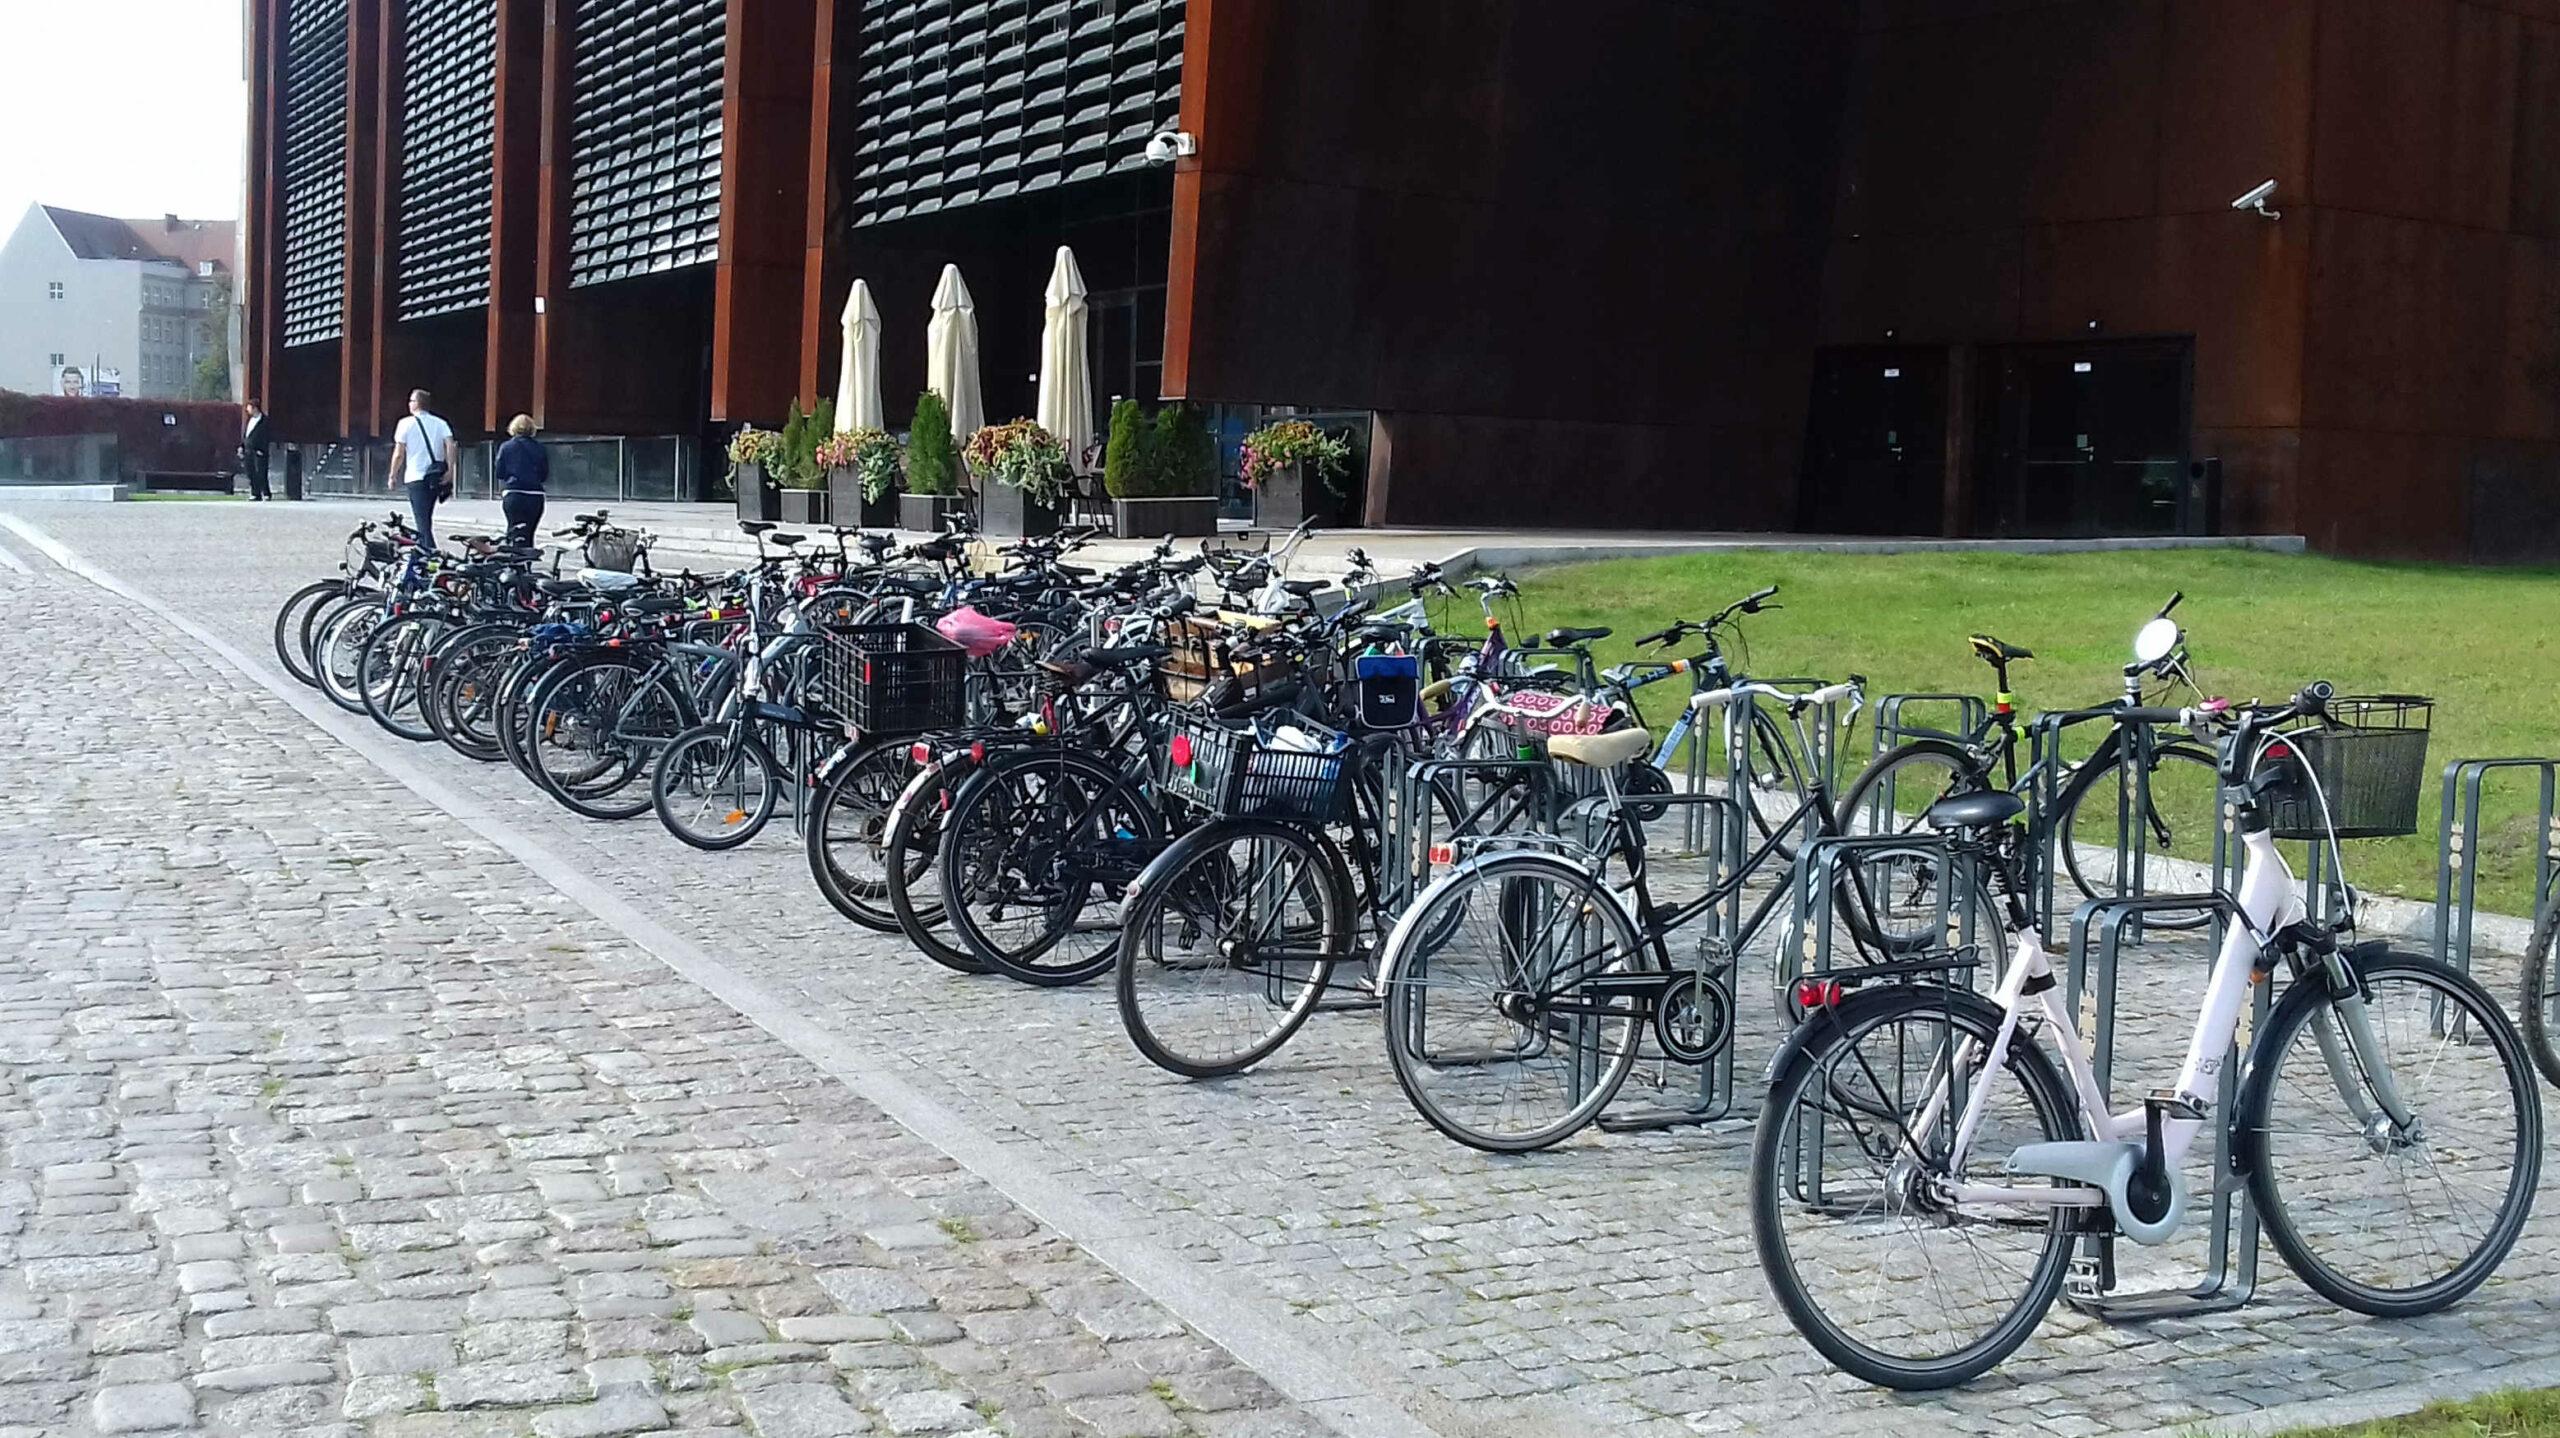 Europejski Tydzień Transportu Zrównoważonego. Darmowa komunikacja i co jeszcze?